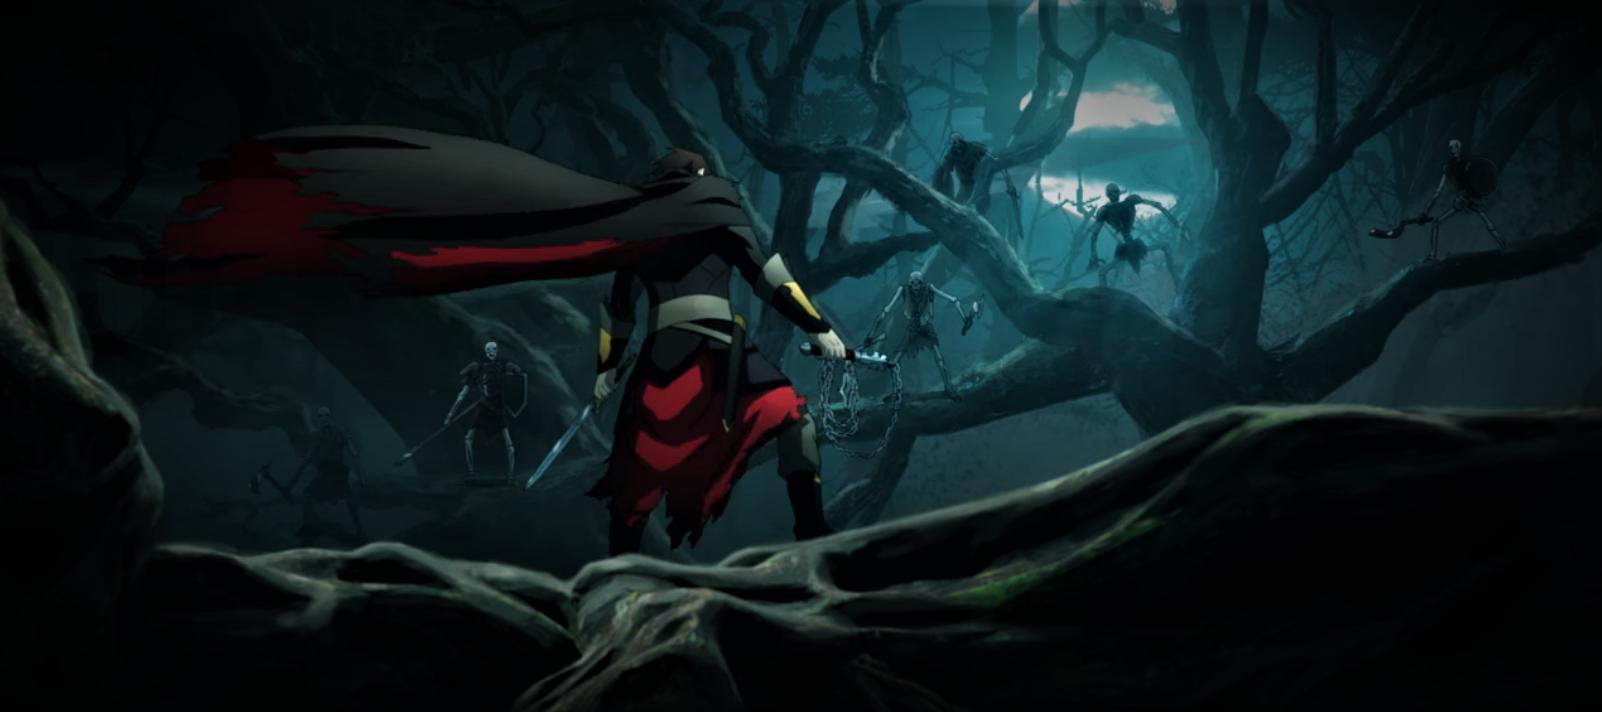 Castlevania är en av de bästa animerade serierna 2021